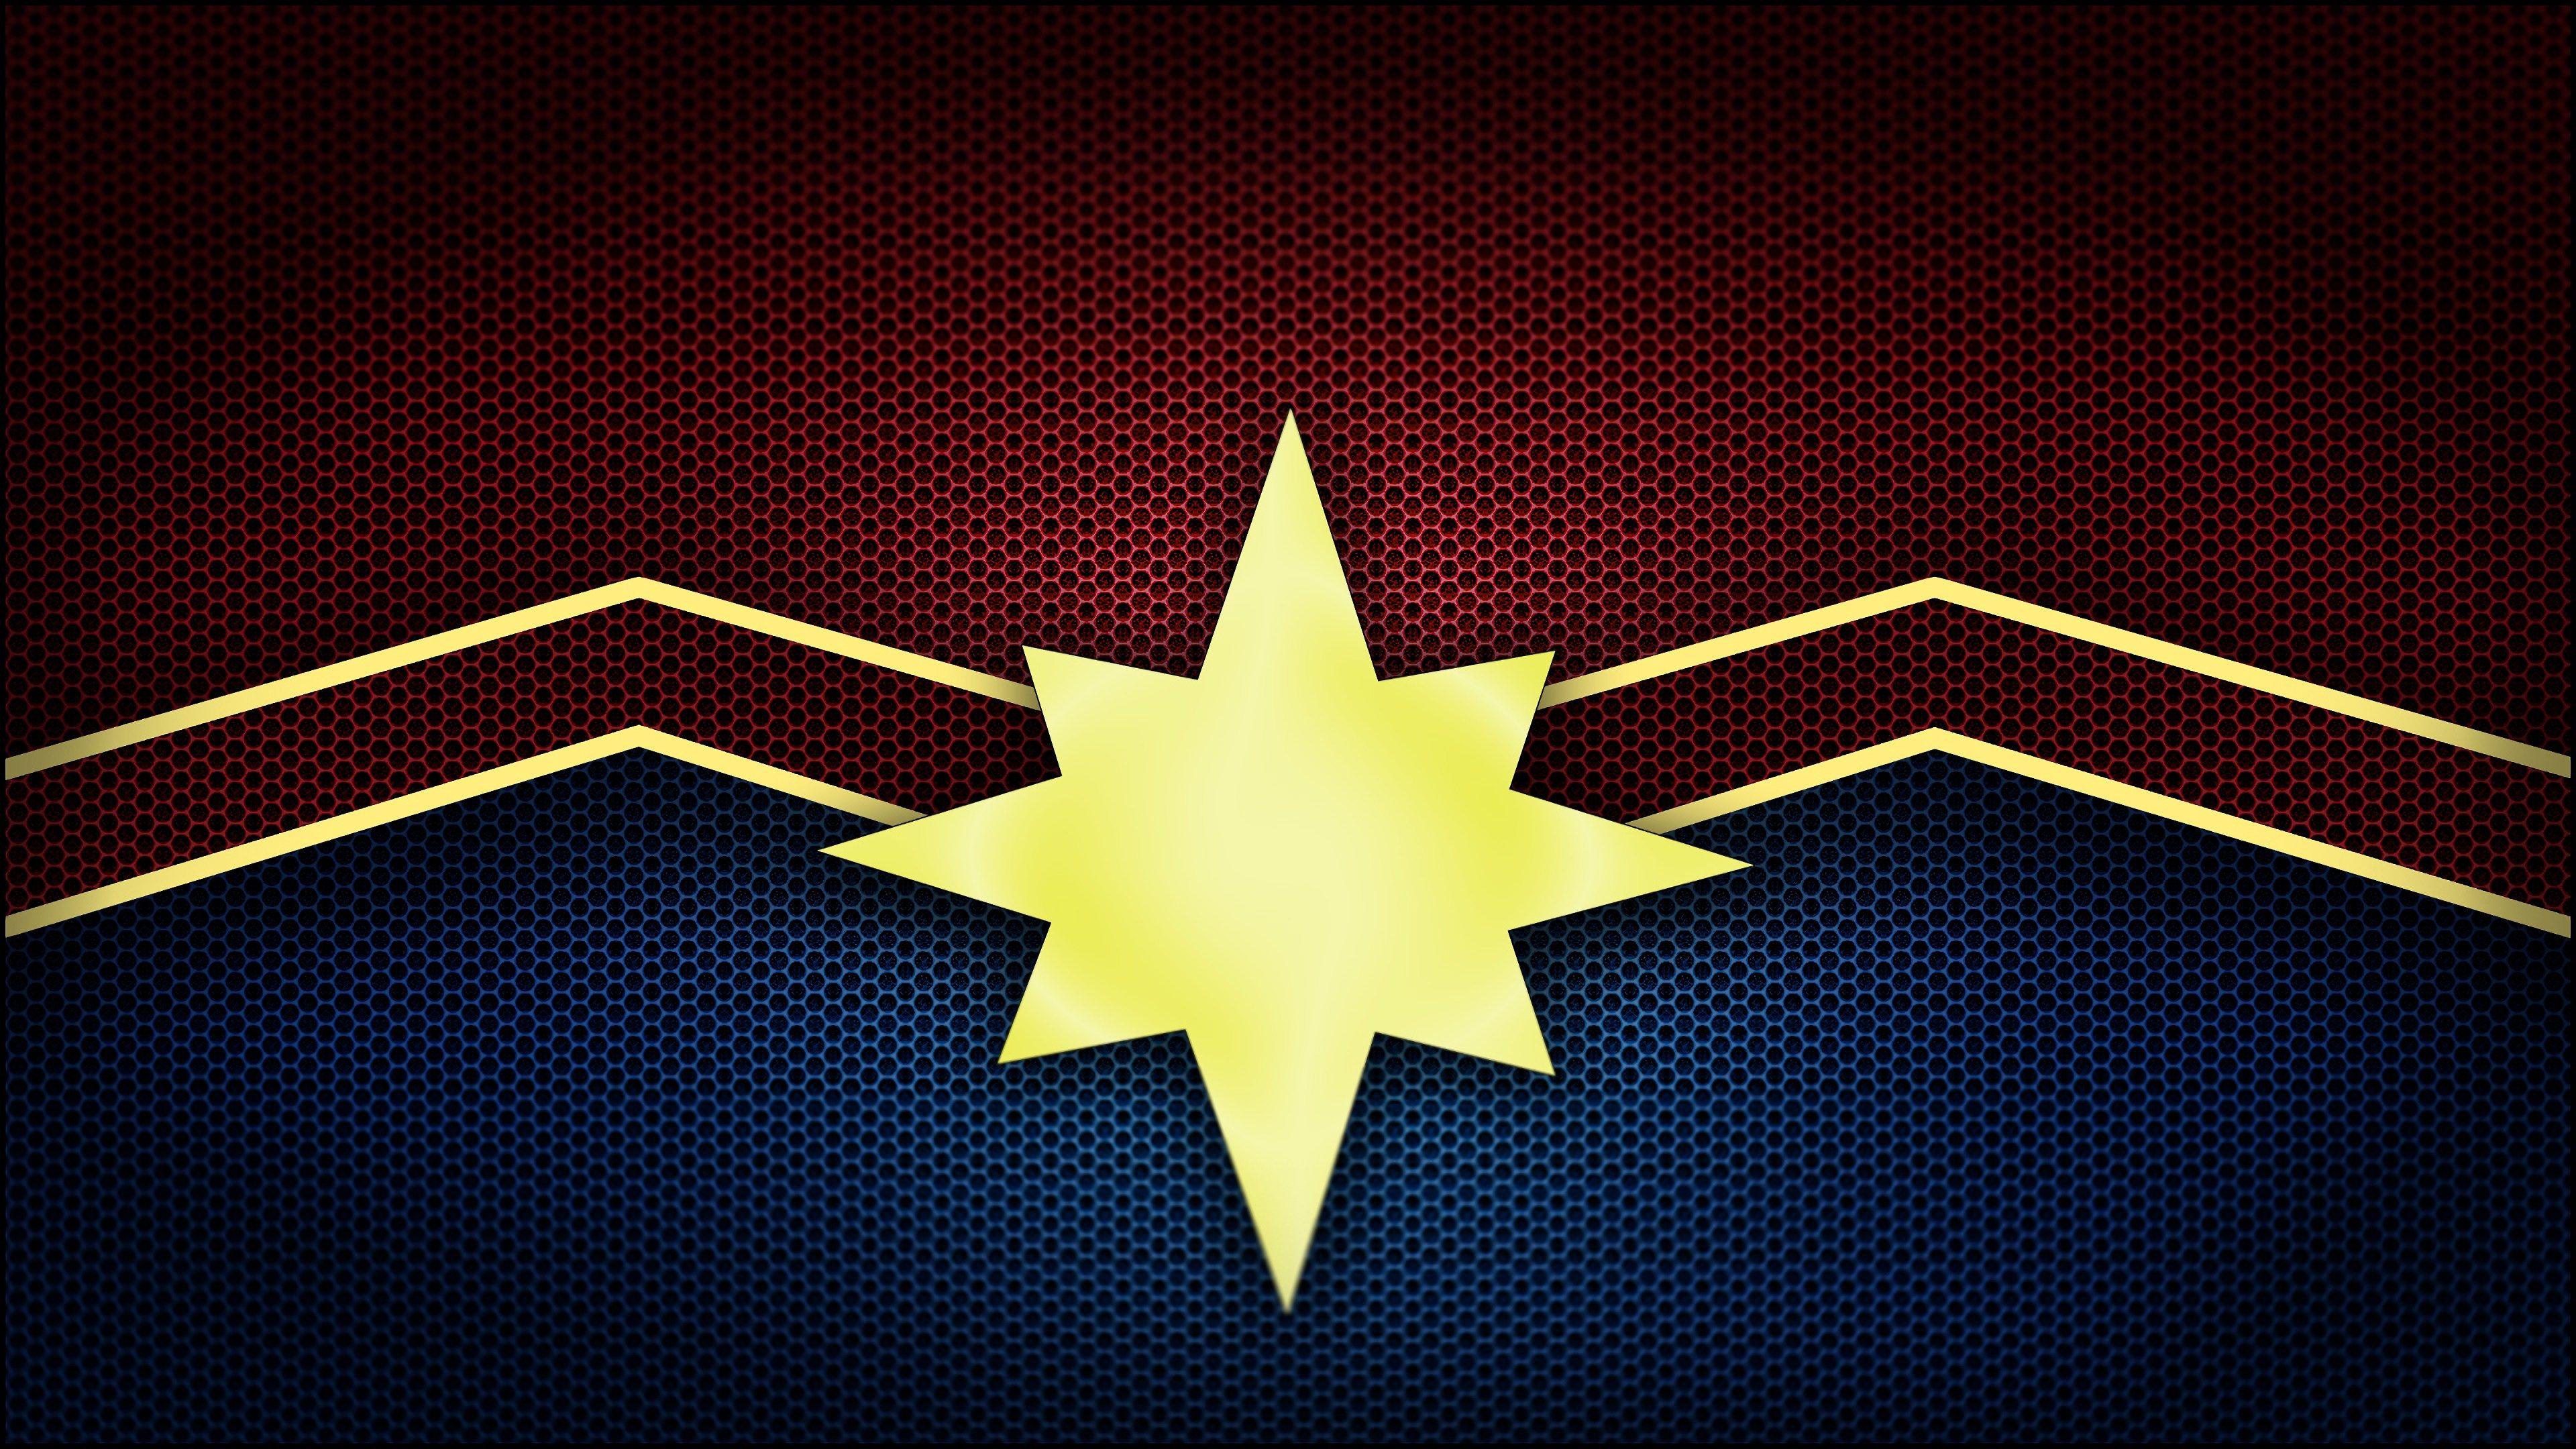 Captain Marvel Movie 2019 Logo 4k Wallpaper Captain Marvel Movie 2019 Captain Marvel Carol Danvers Captain Marvel Marvel Logo Marvel Wallpaper